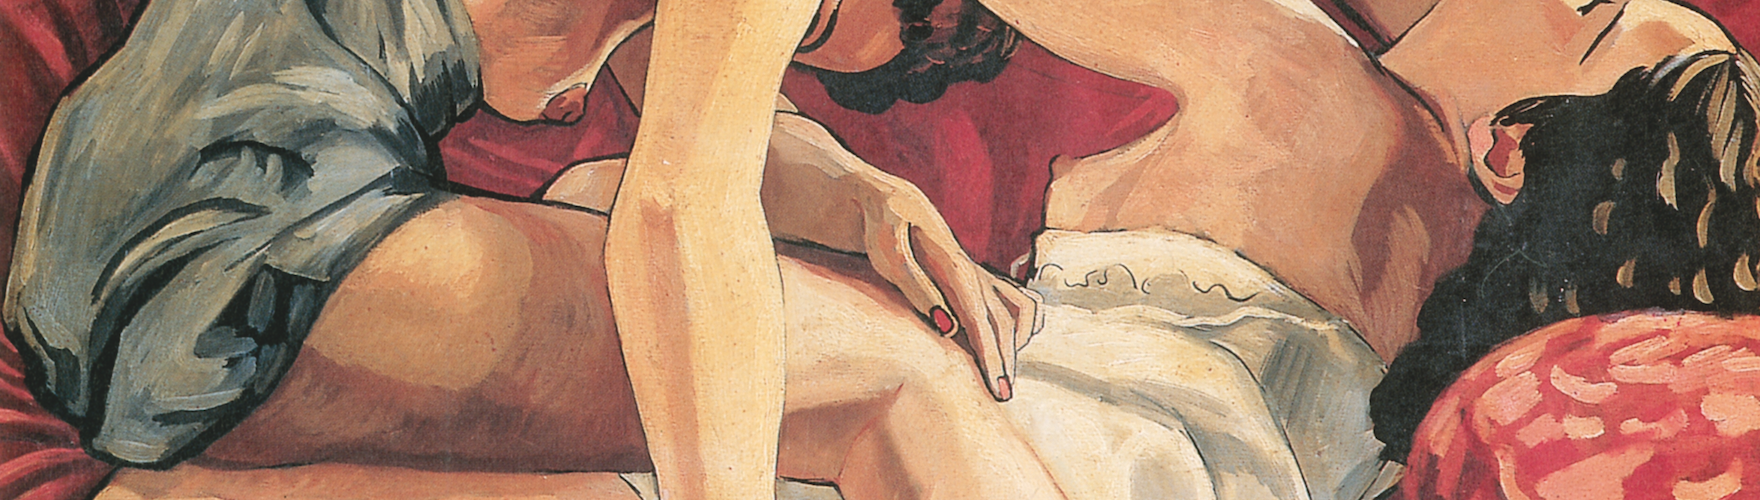 deux femmes érotisme Picabia